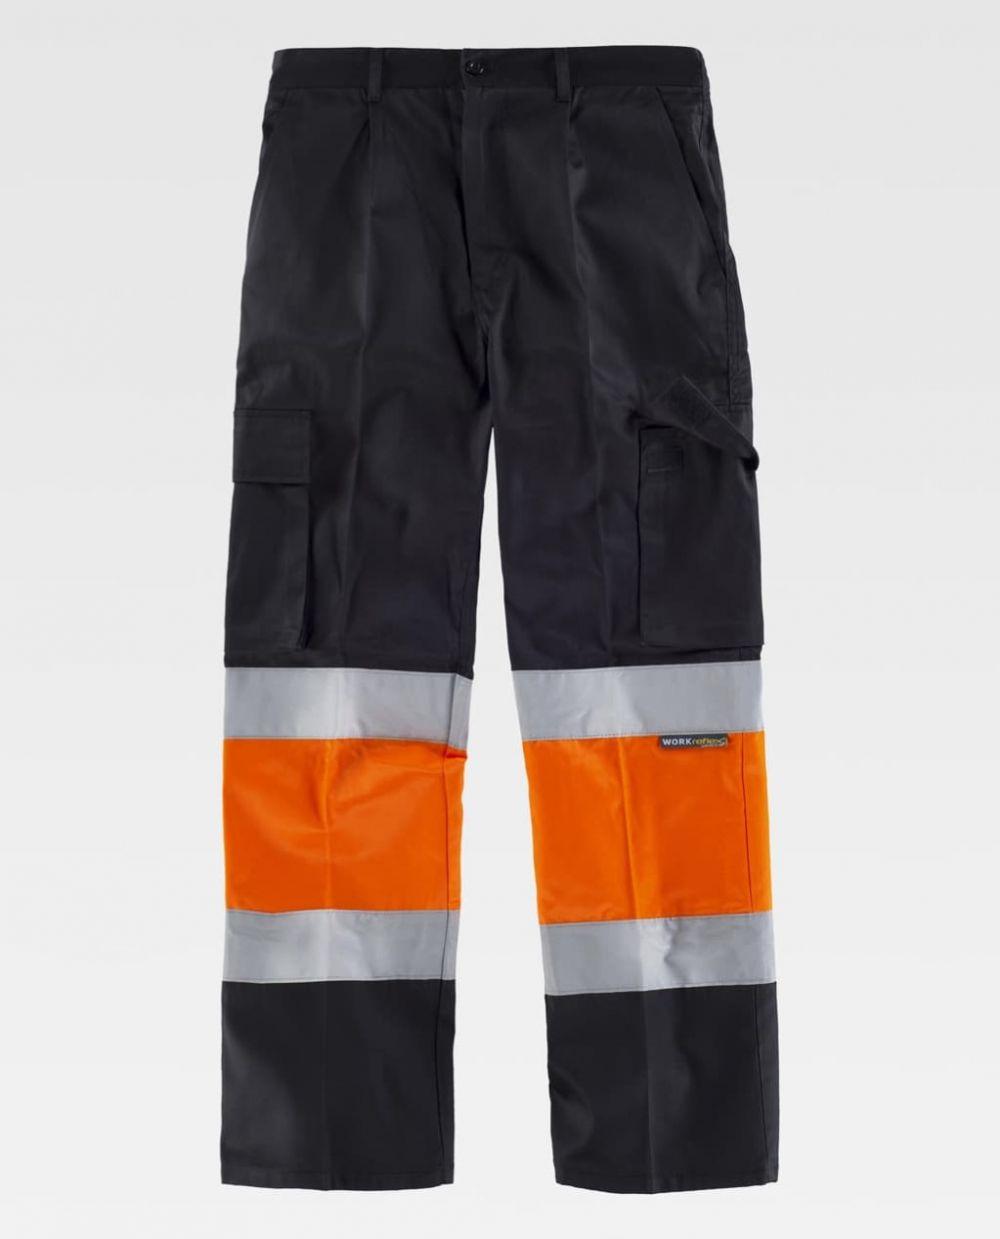 Pantalones reflectantes workteam combinado alta visibilidad , y dos bolsillos de poliéster vista 1